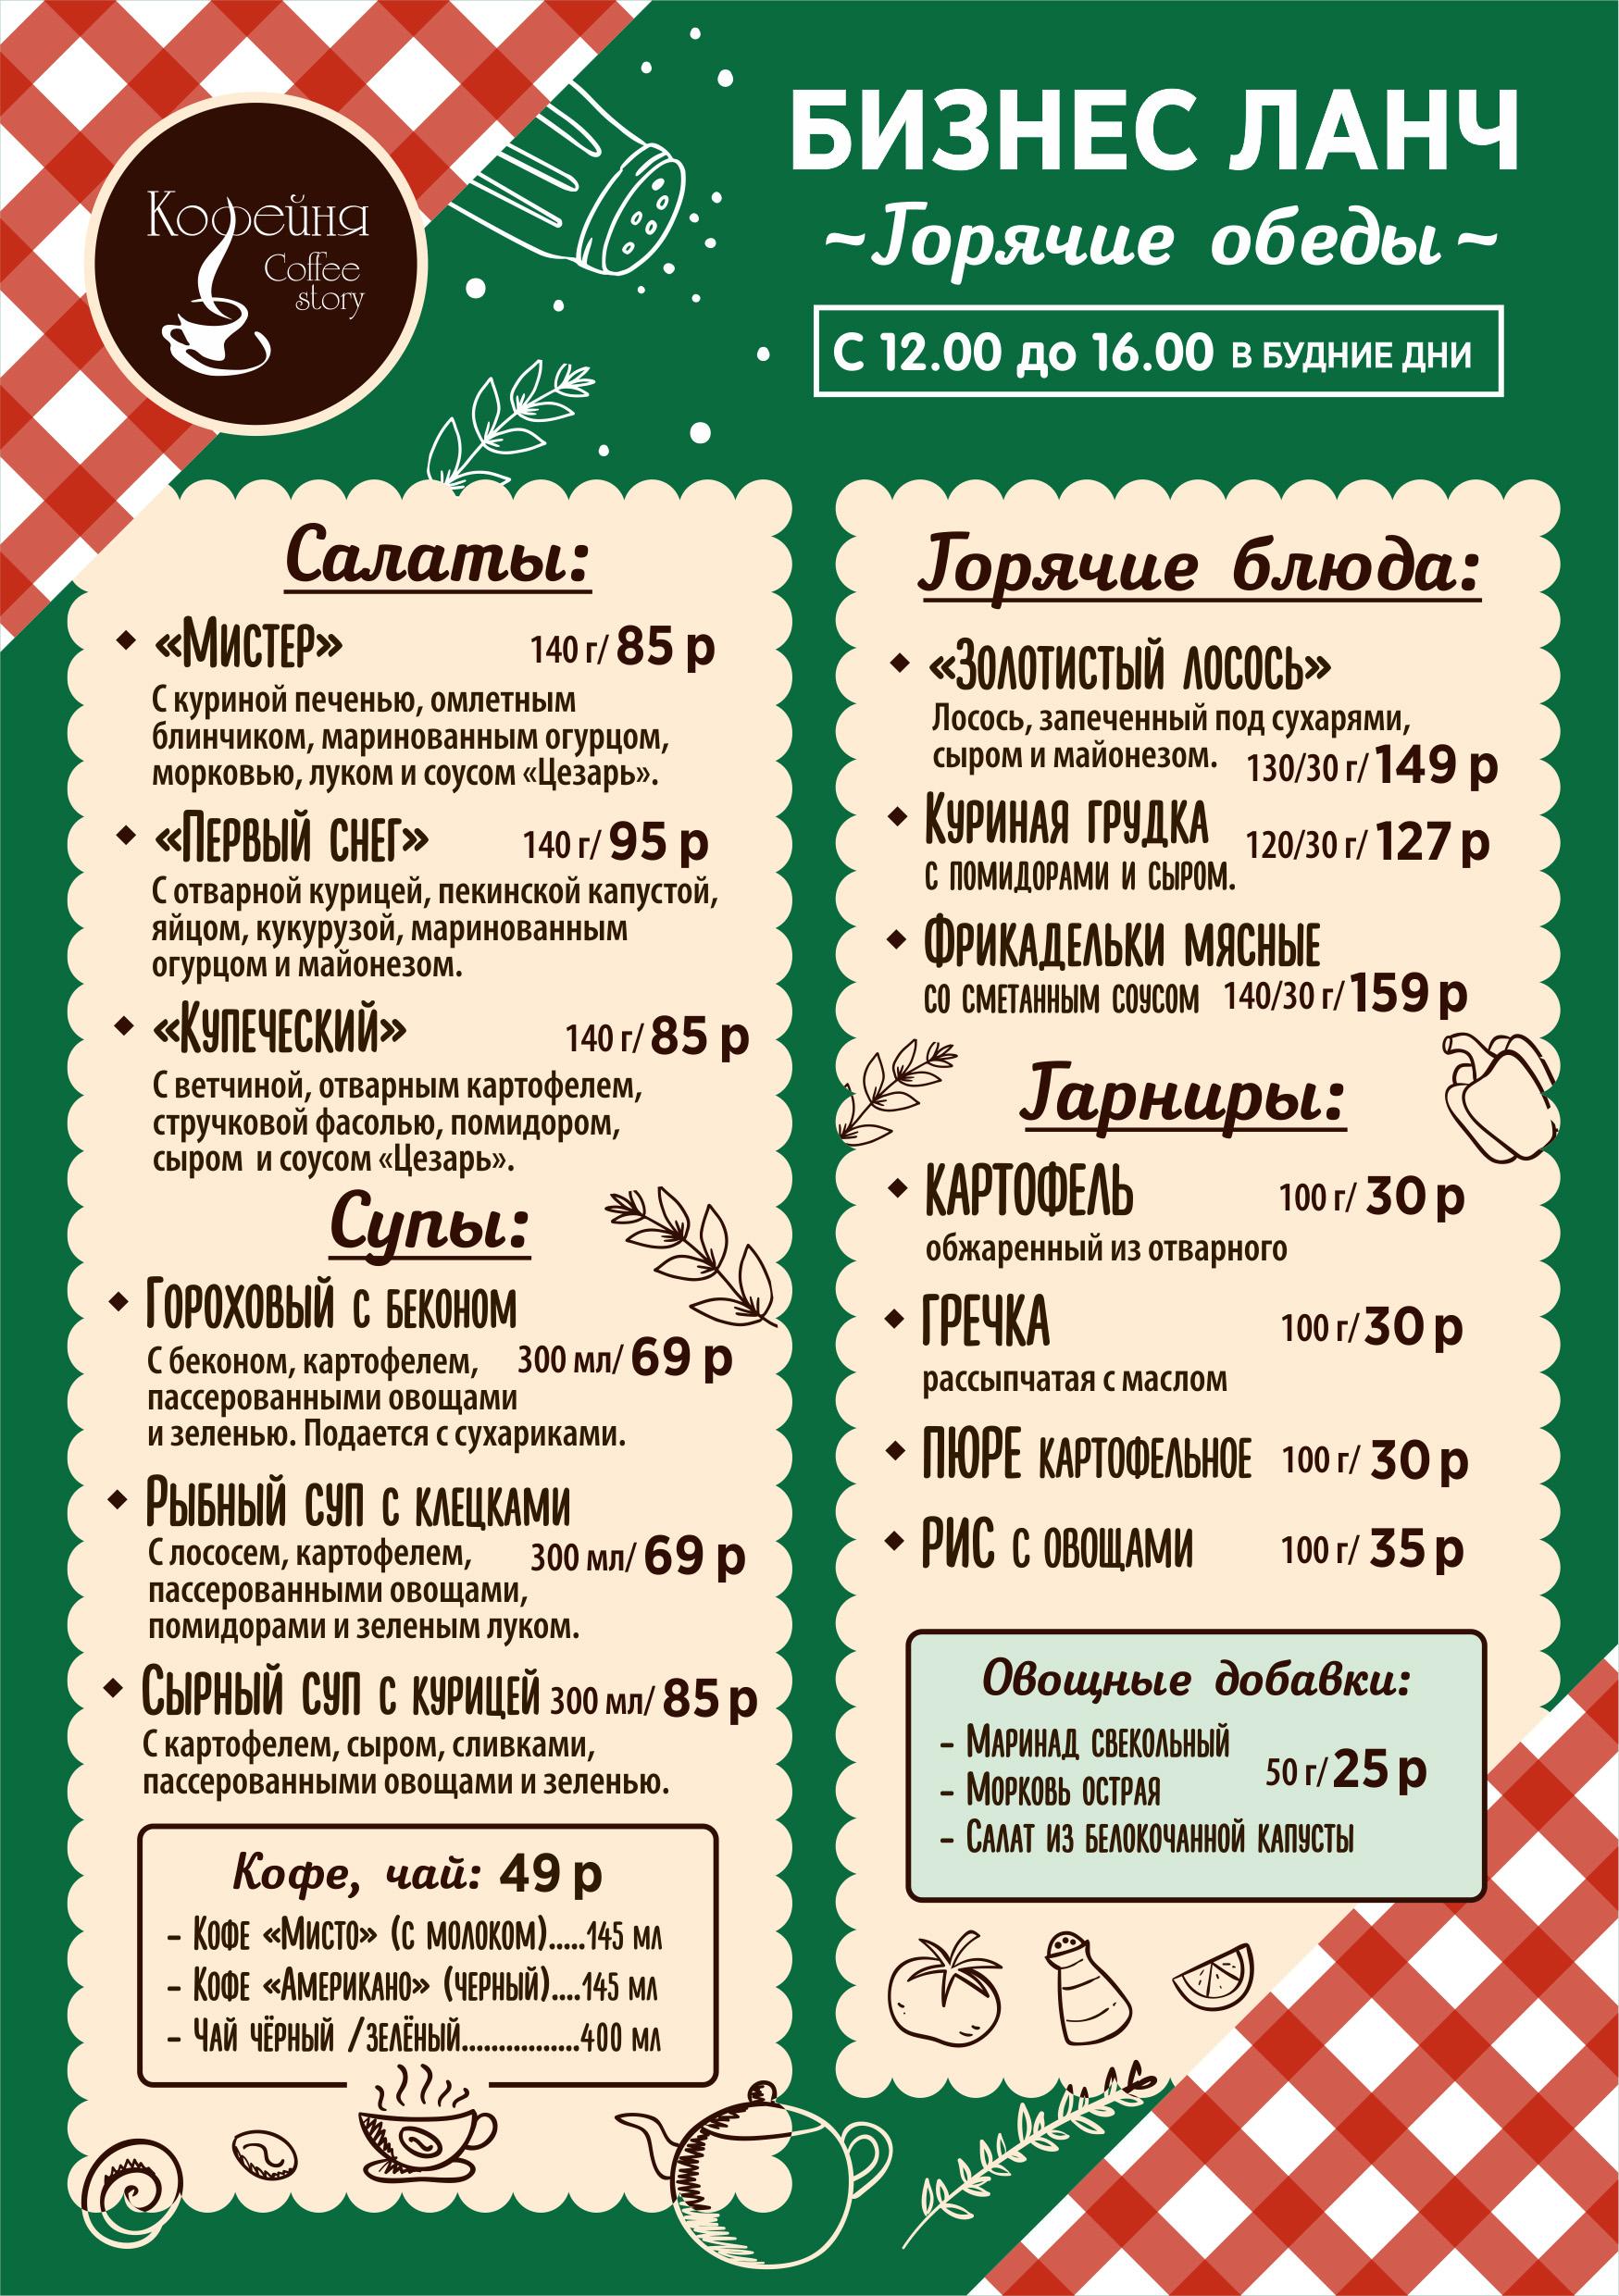 Меню бизнес-ланча в Coffee Story. Если заказать суп, салат, горячее, гарнир и чай, то заплатить придется чуть меньше 400 рублей. Это близко к официальной статистике — Кемеровостат посчитал, что обед в кафе стоит 373,45<span class=ruble>Р</span>